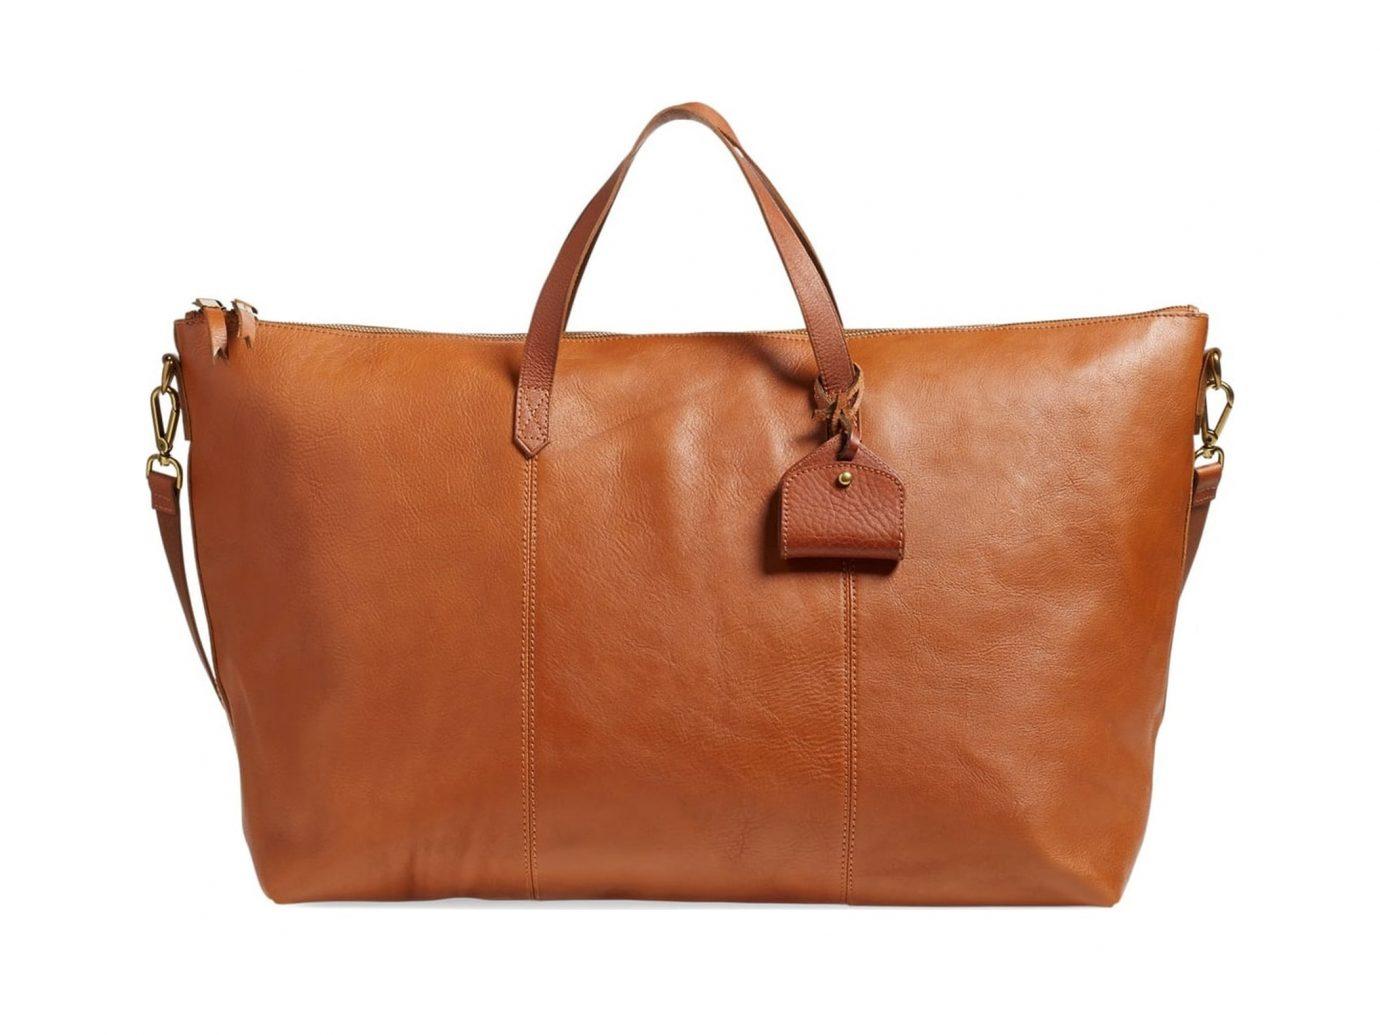 Best Weekend Bags, Madewell Transport Weekend Bag